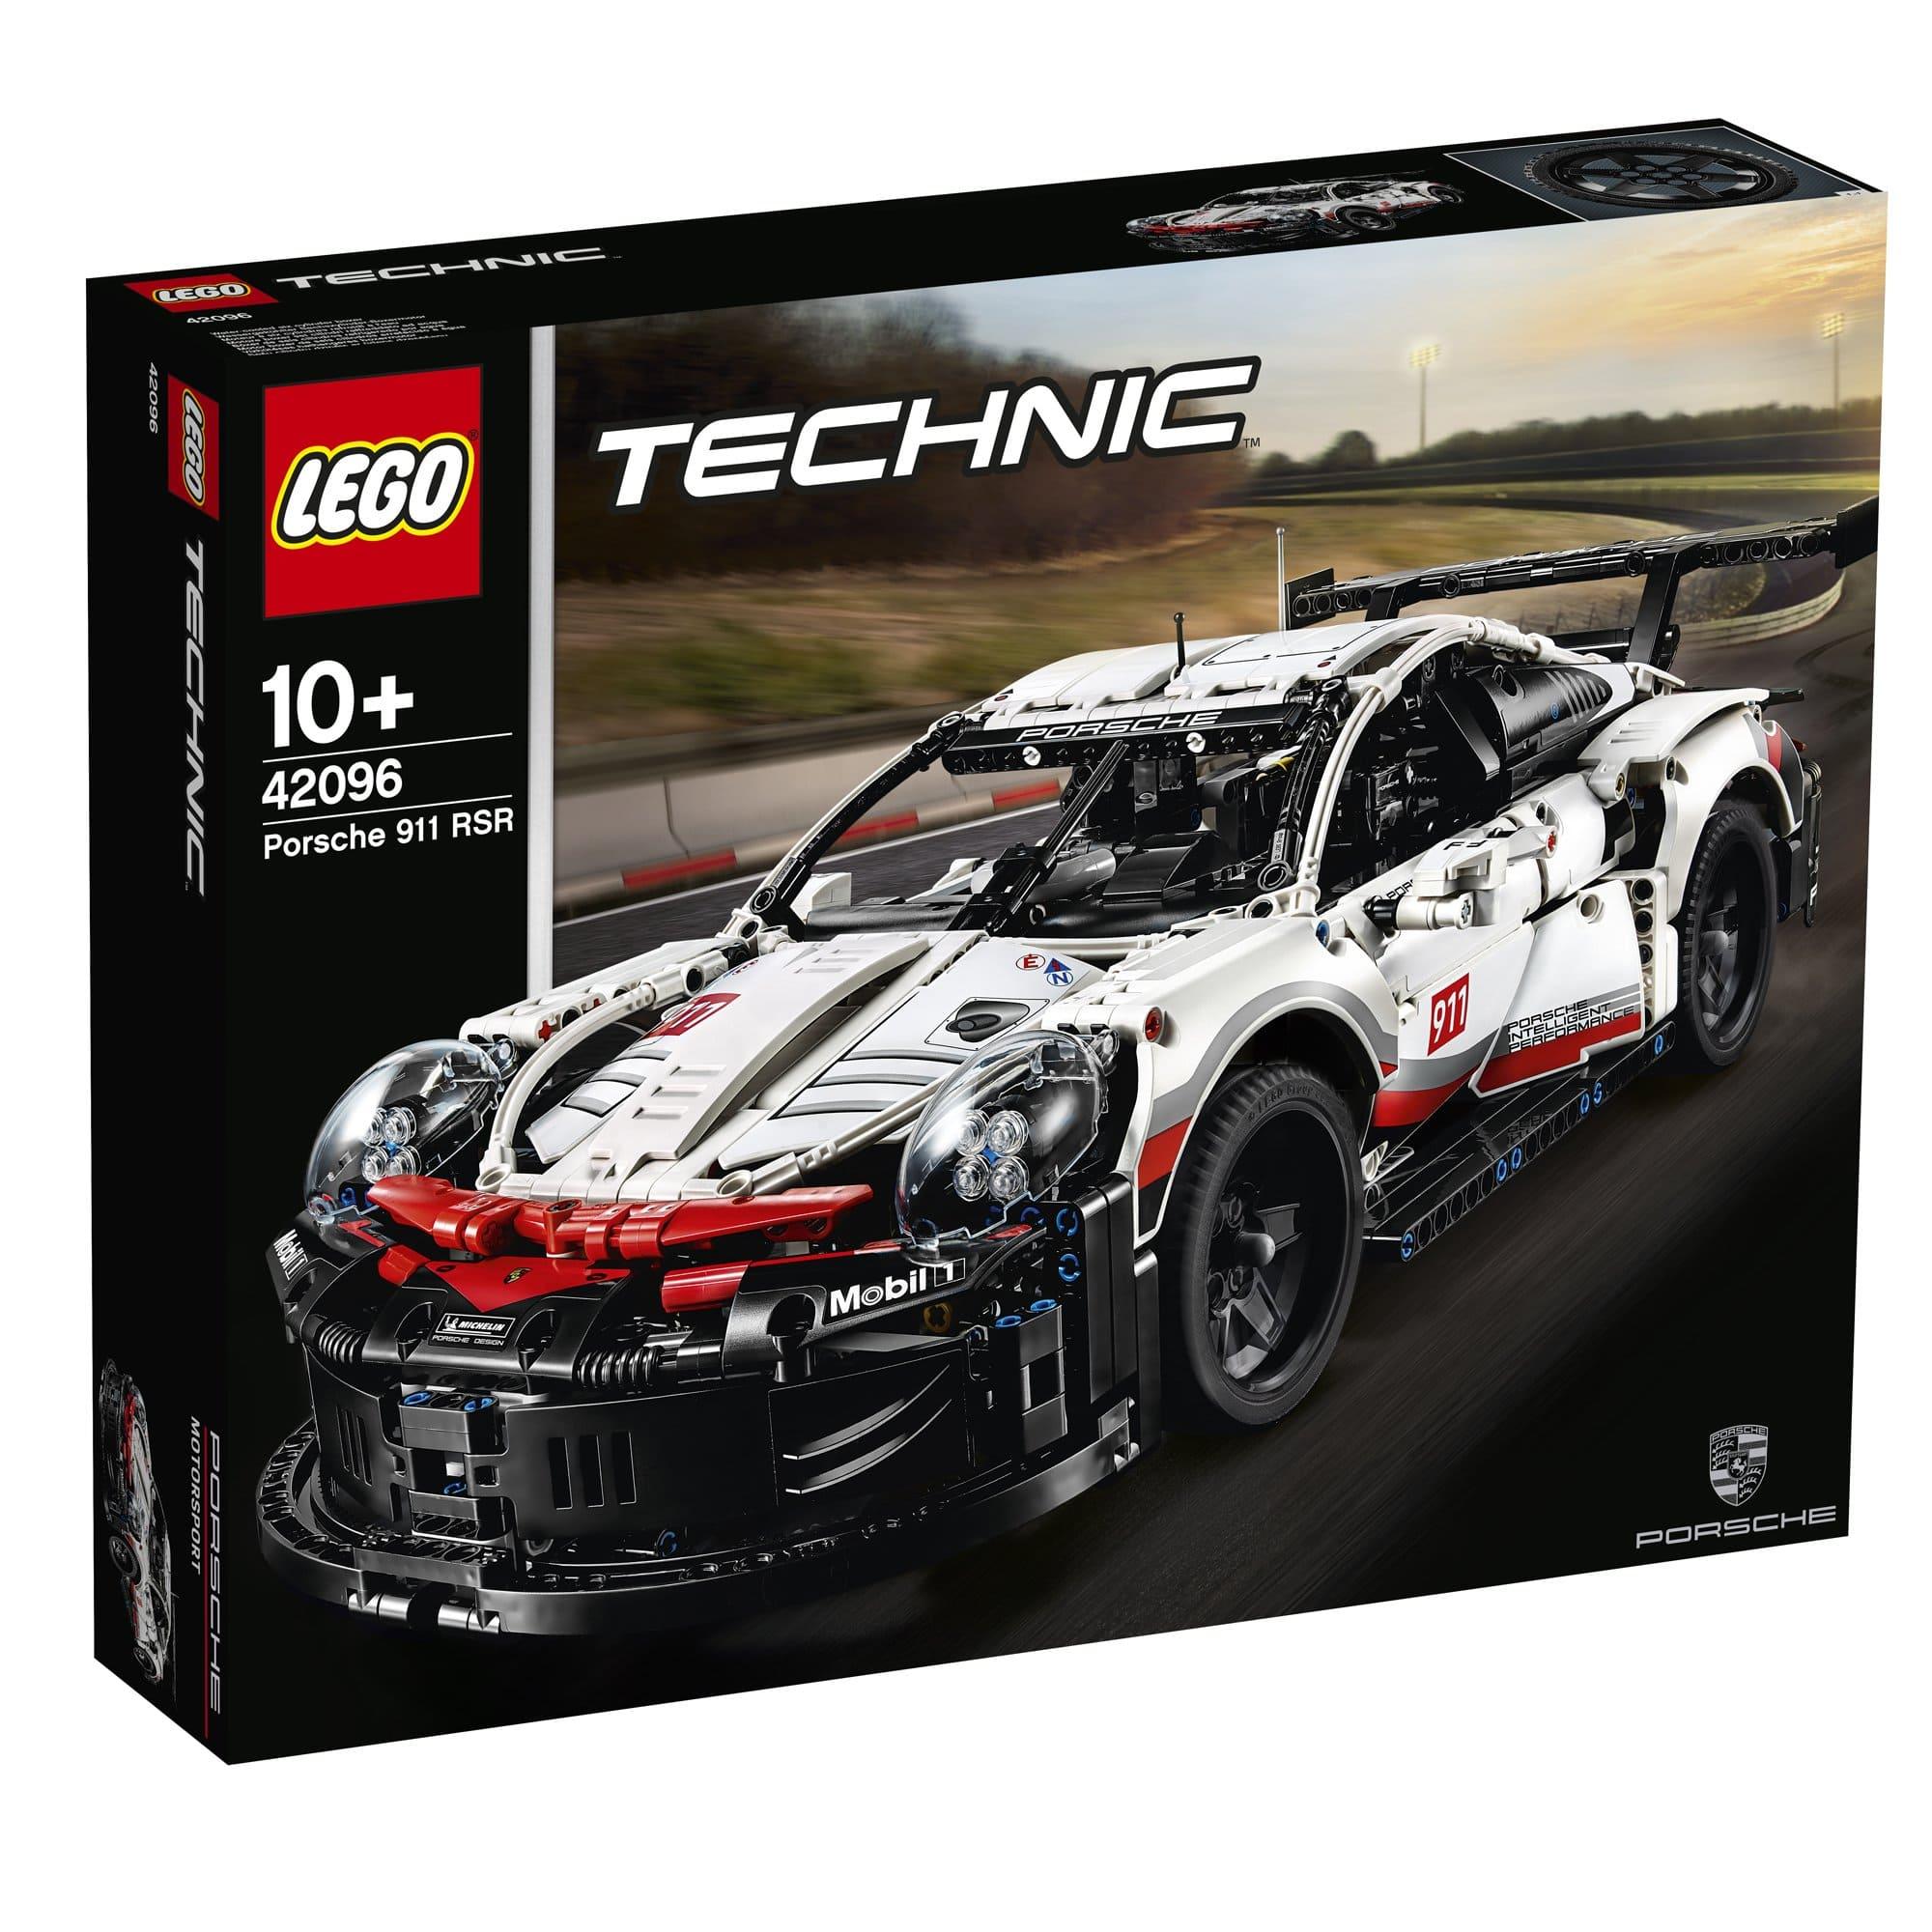 LEGO 樂高積木 Technic 42096 Porsche 911 RSR